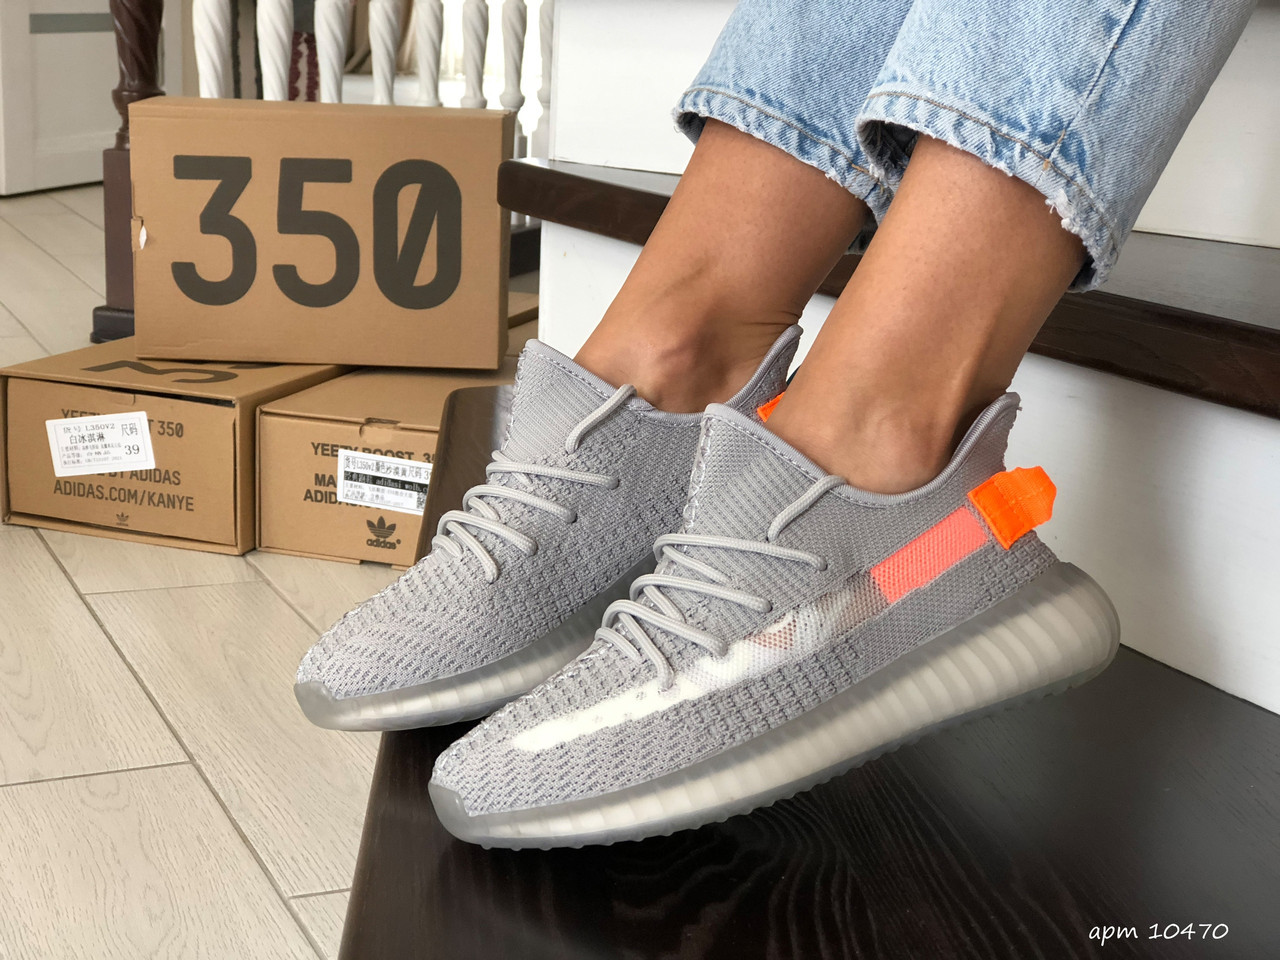 Летние модные кроссовки Adidas Yeezy Boost 350 v2,( Адидас Изи) серые с оранжевым